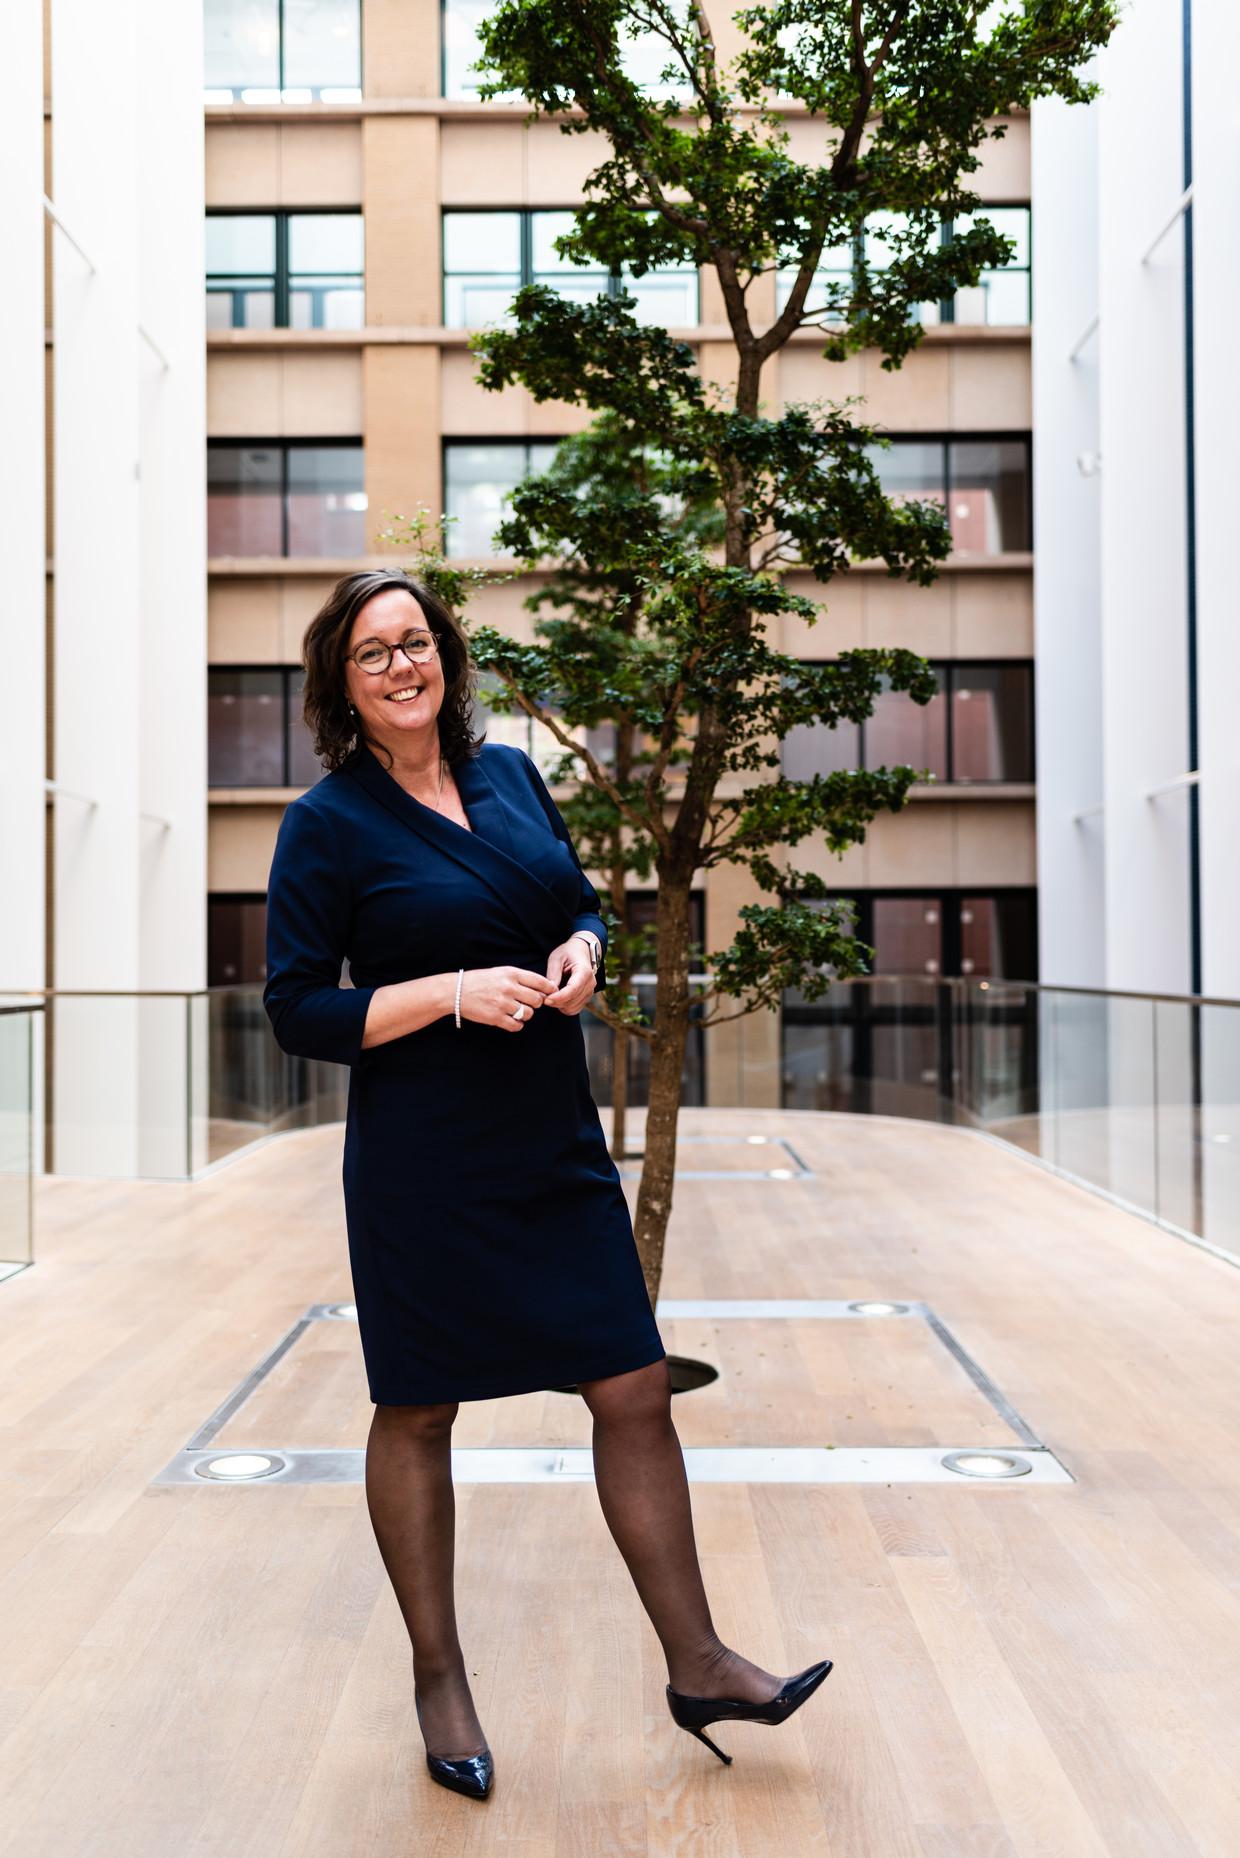 Tamara van Ark van de VVD is staatssecretaris van Sociale Zaken en Werkgelegenheid. Beeld null